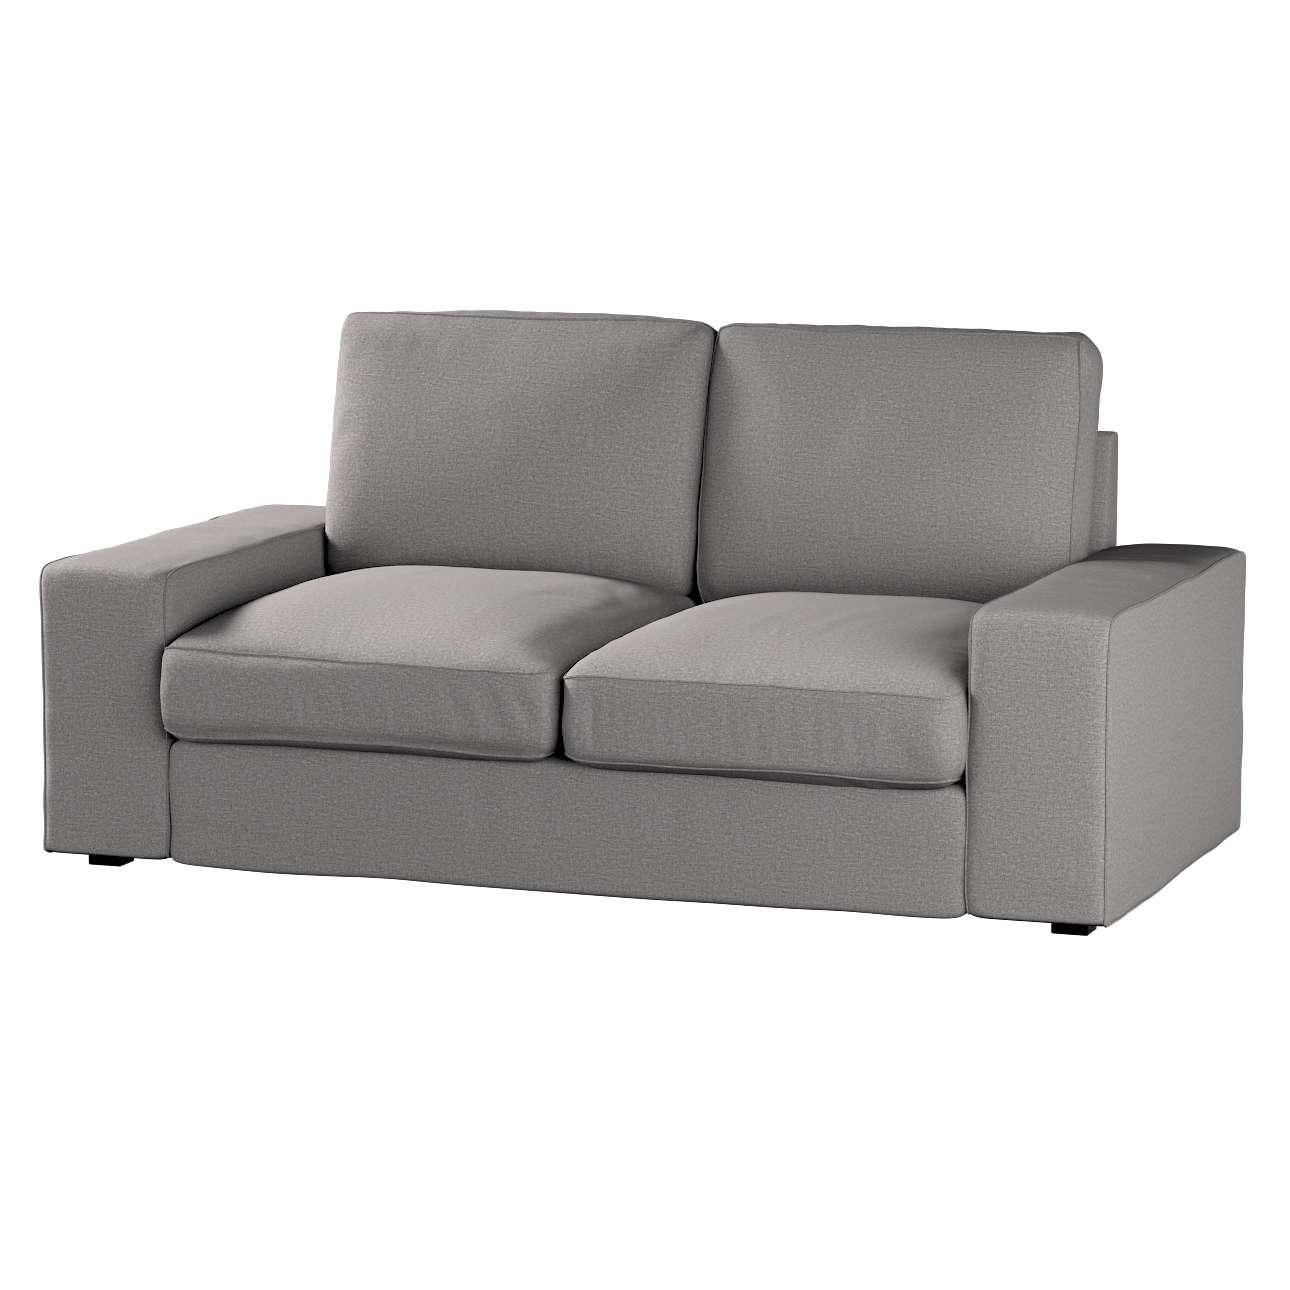 KIVIK dvivietės sofos užvalkalas Kivik 2-seat sofa kolekcijoje Edinburgh , audinys: 115-81